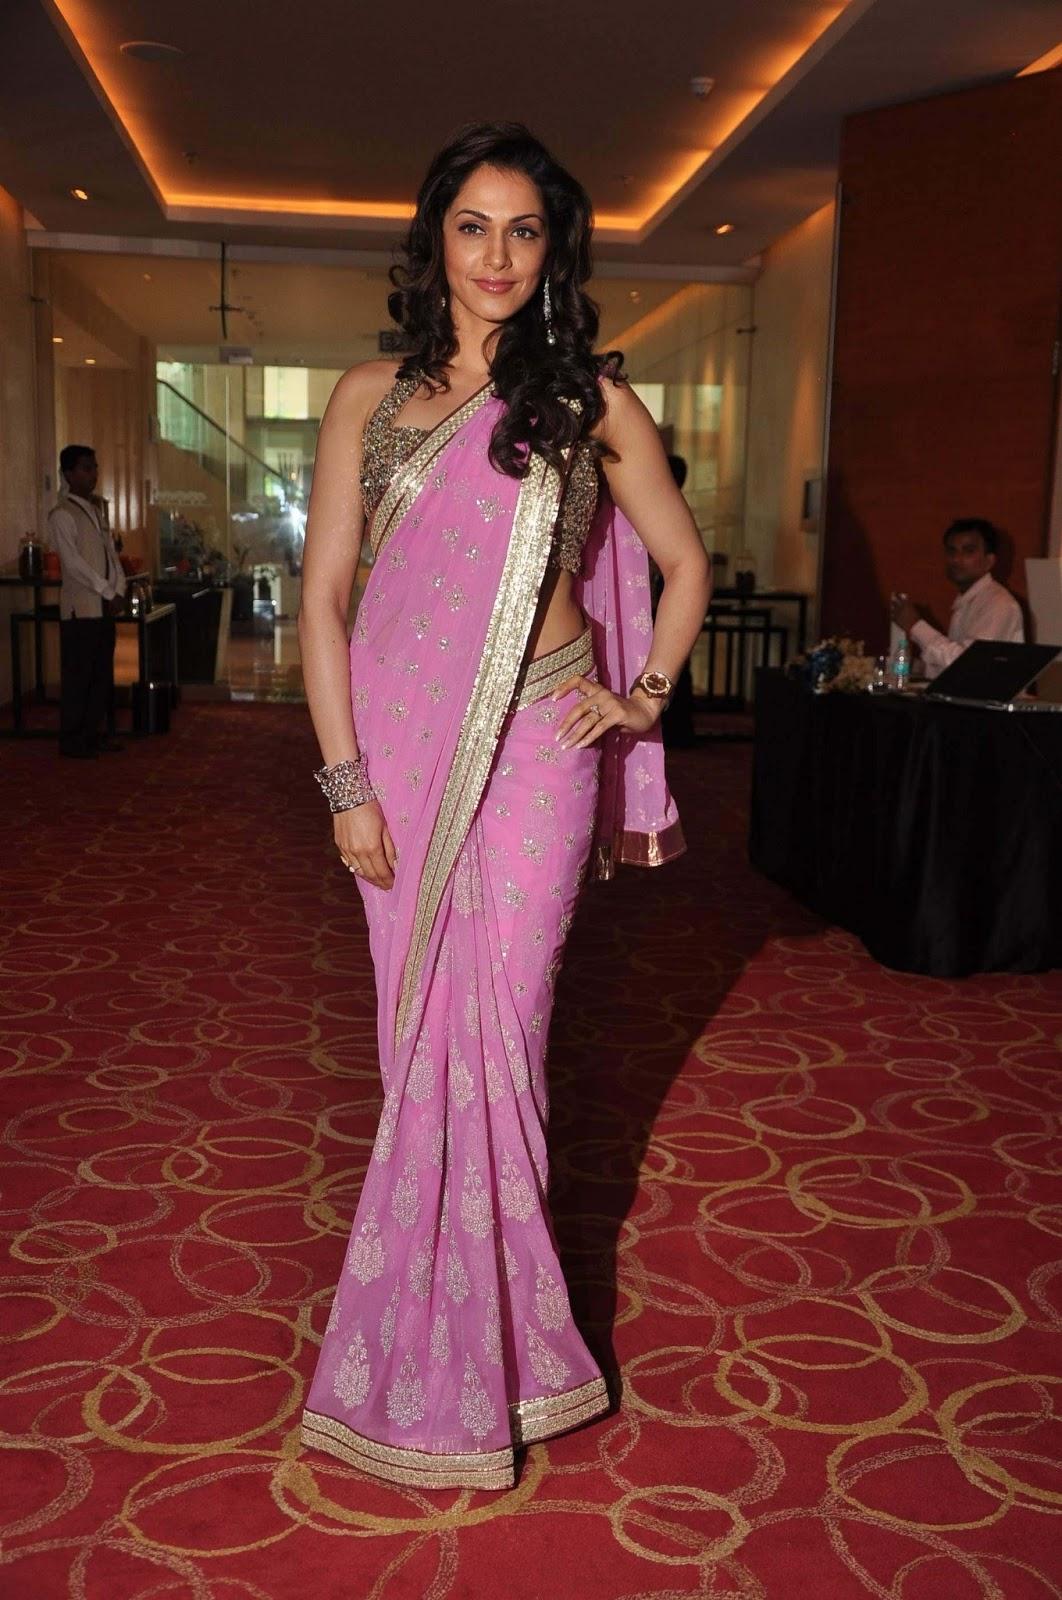 Isha koppikar in a pink saree